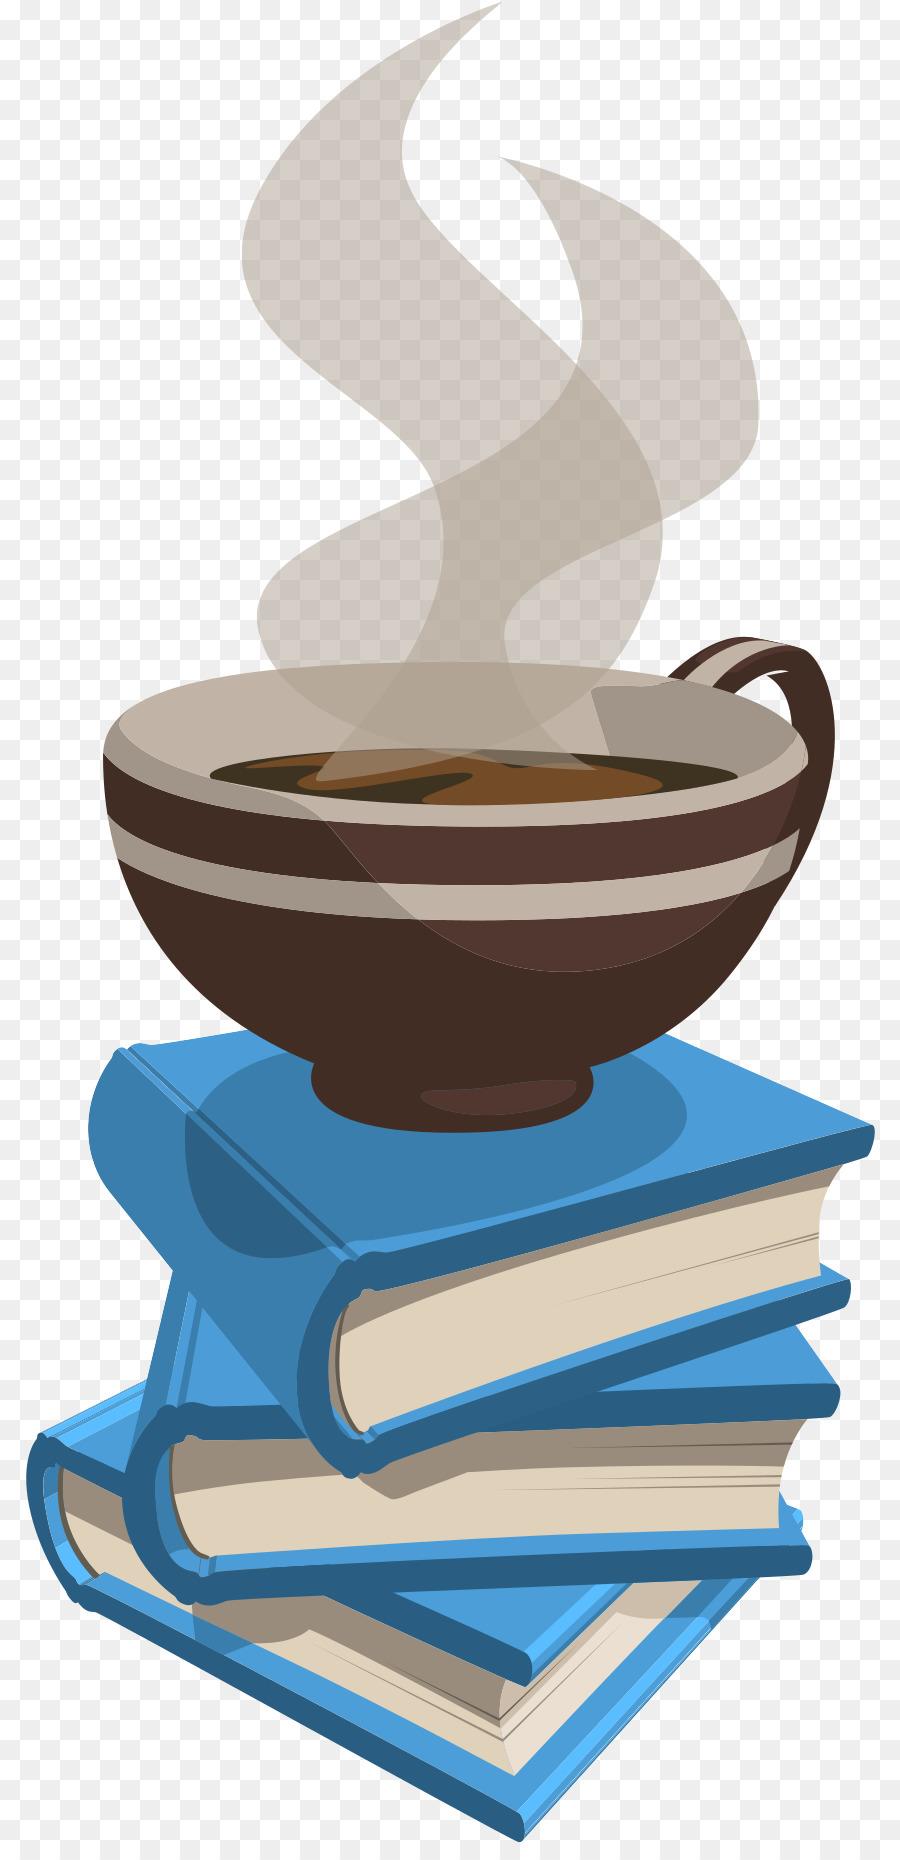 Descarga gratuita de La Lectura, Libro, Reseña Del Libro imágenes PNG